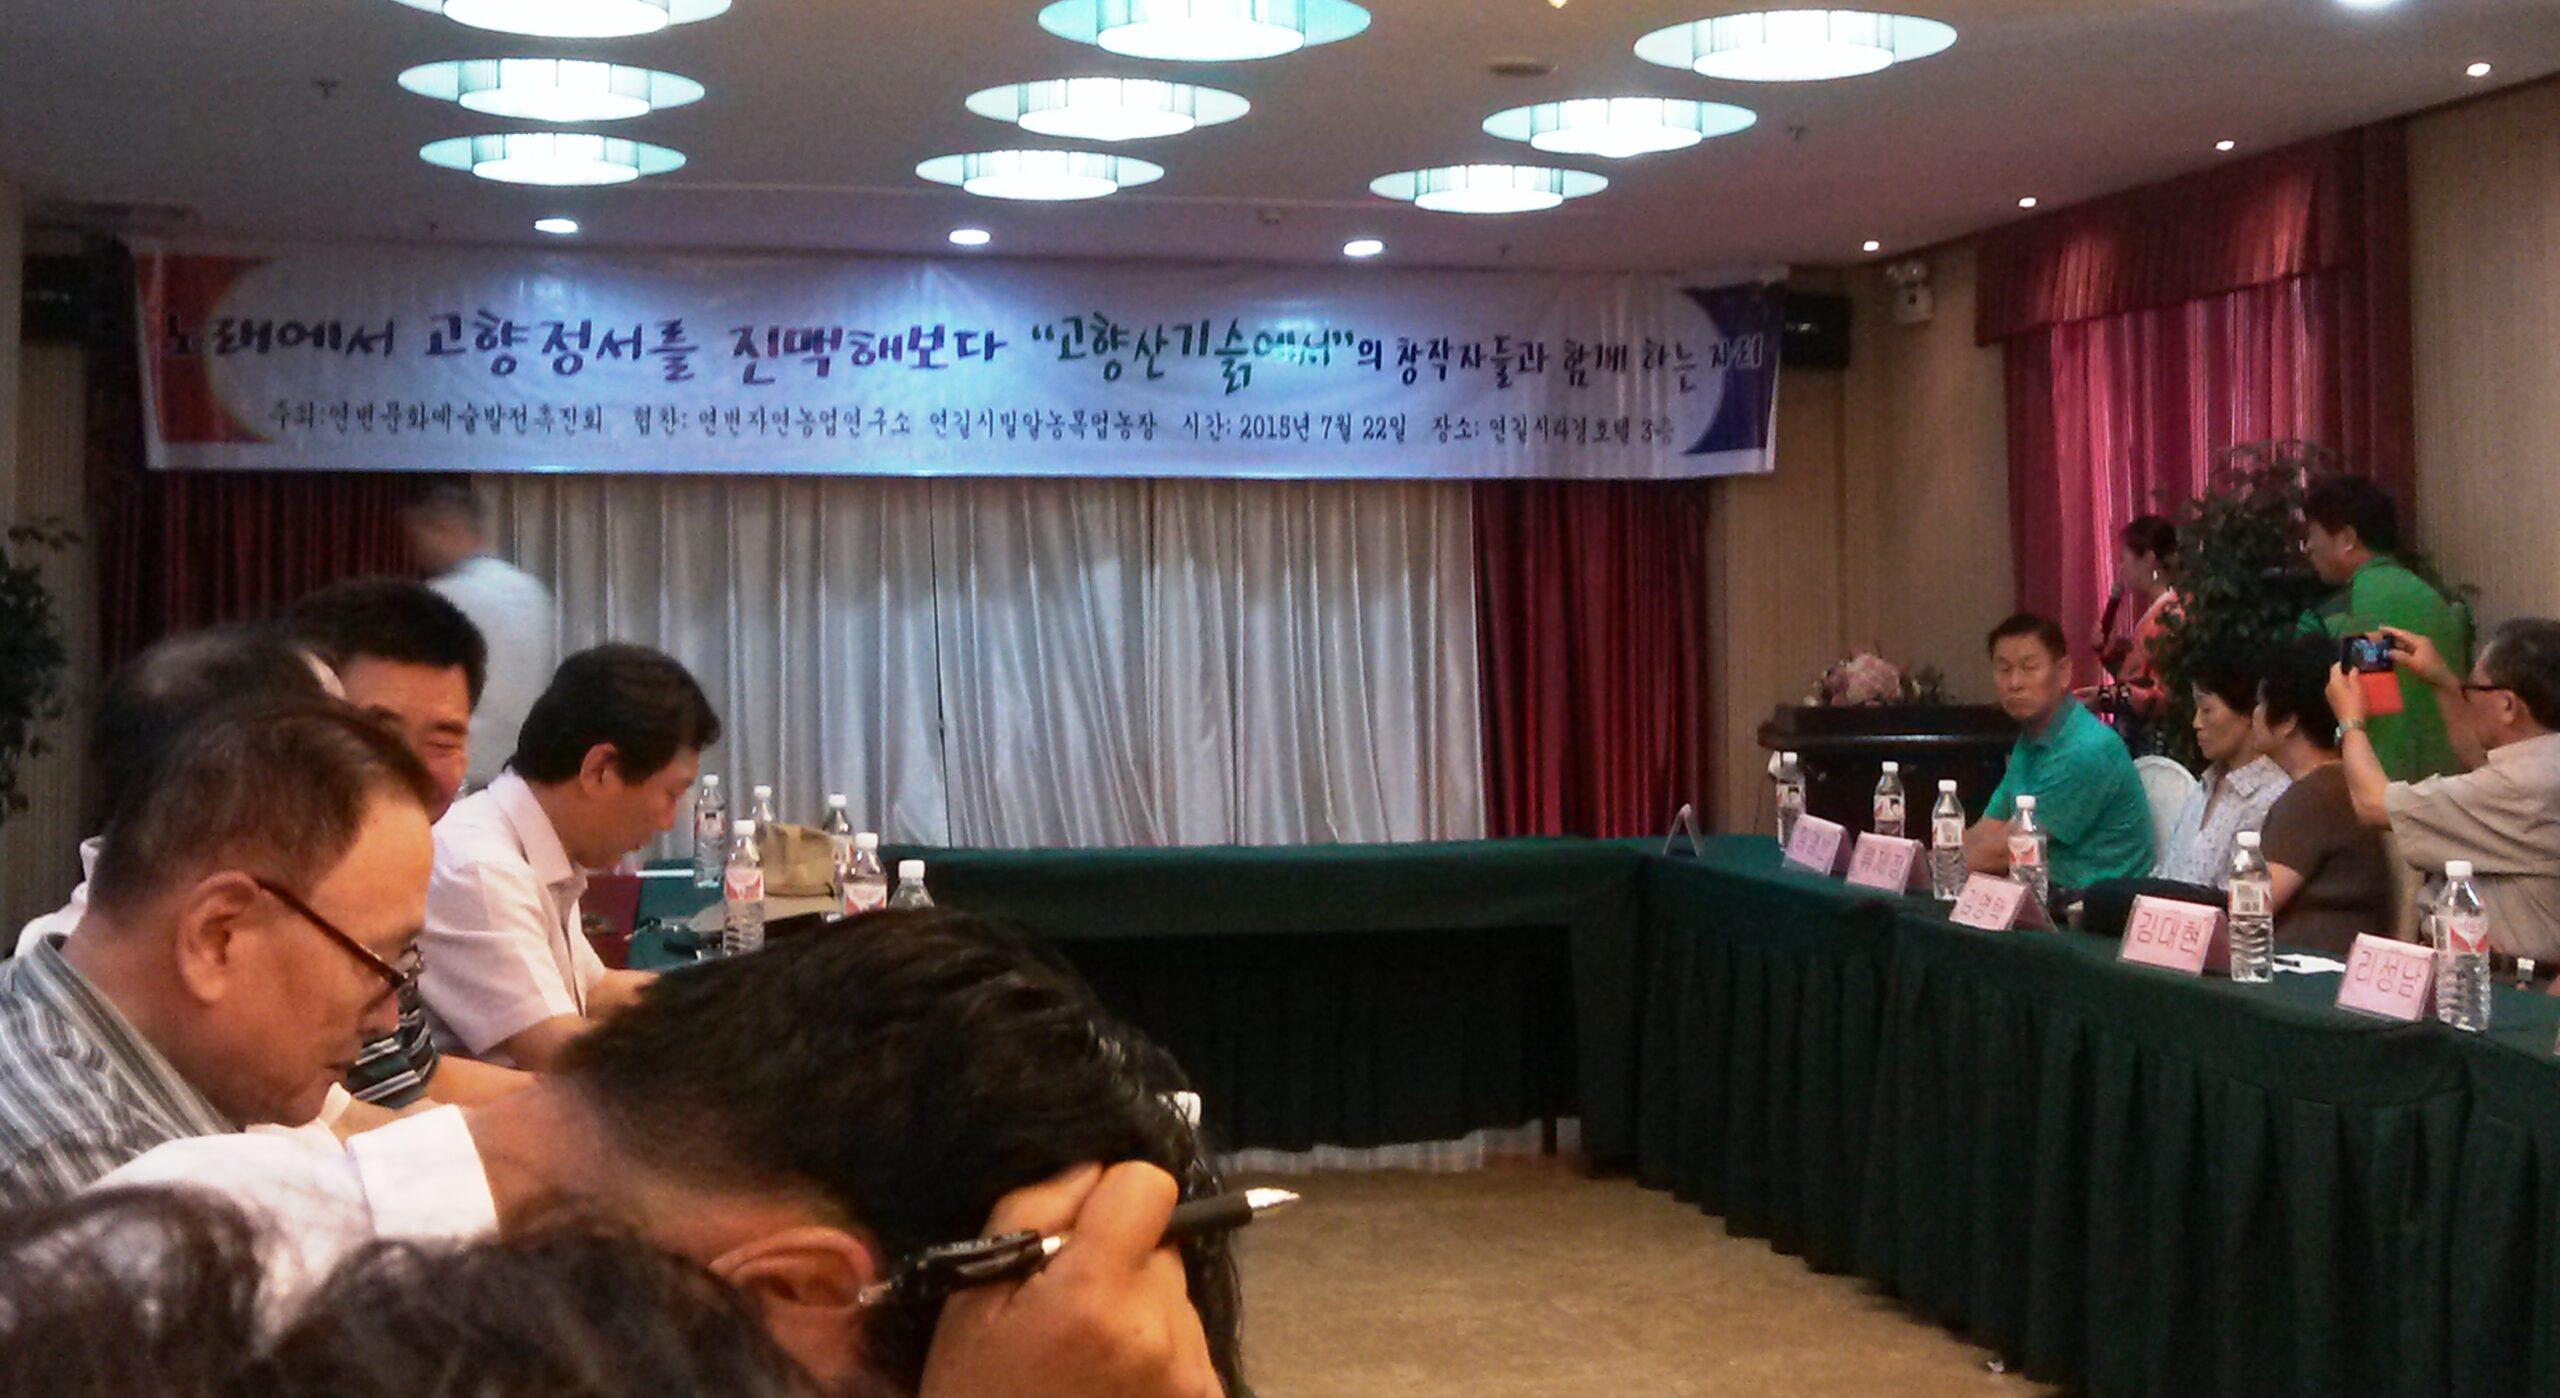 00 연변문화예술발전촉진회, 조선족 동포 애환곡 '고향산 기슭에서' 기념행사 개최